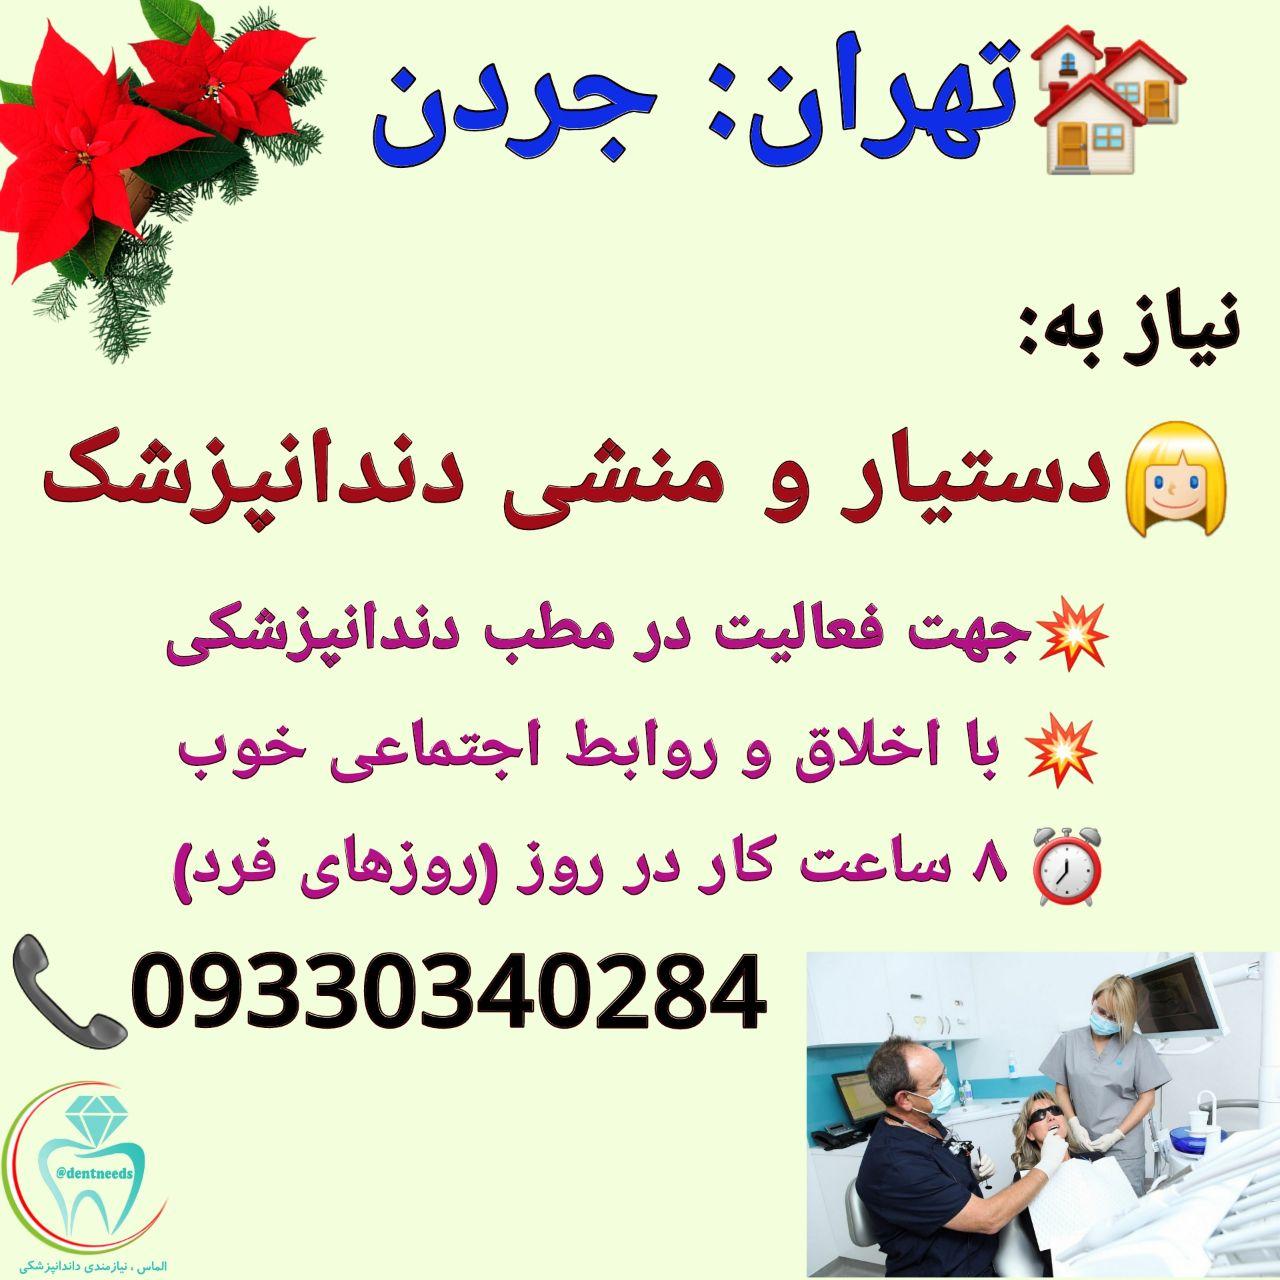 تهران: جردن، نیاز به دستیار و منشی دندانپزشکی